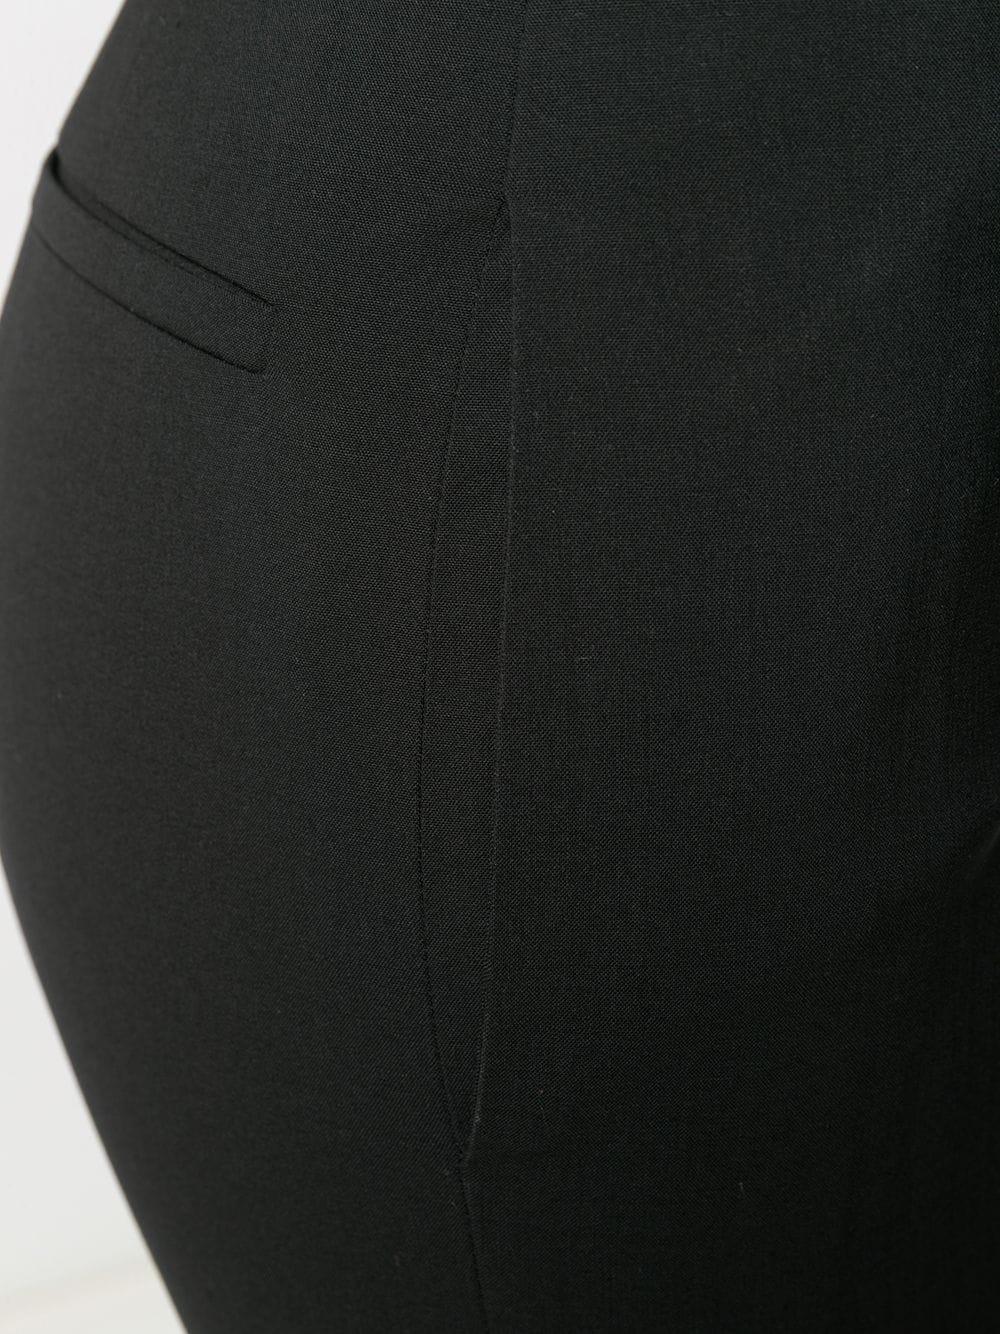 Immagine di Valentino   Pants